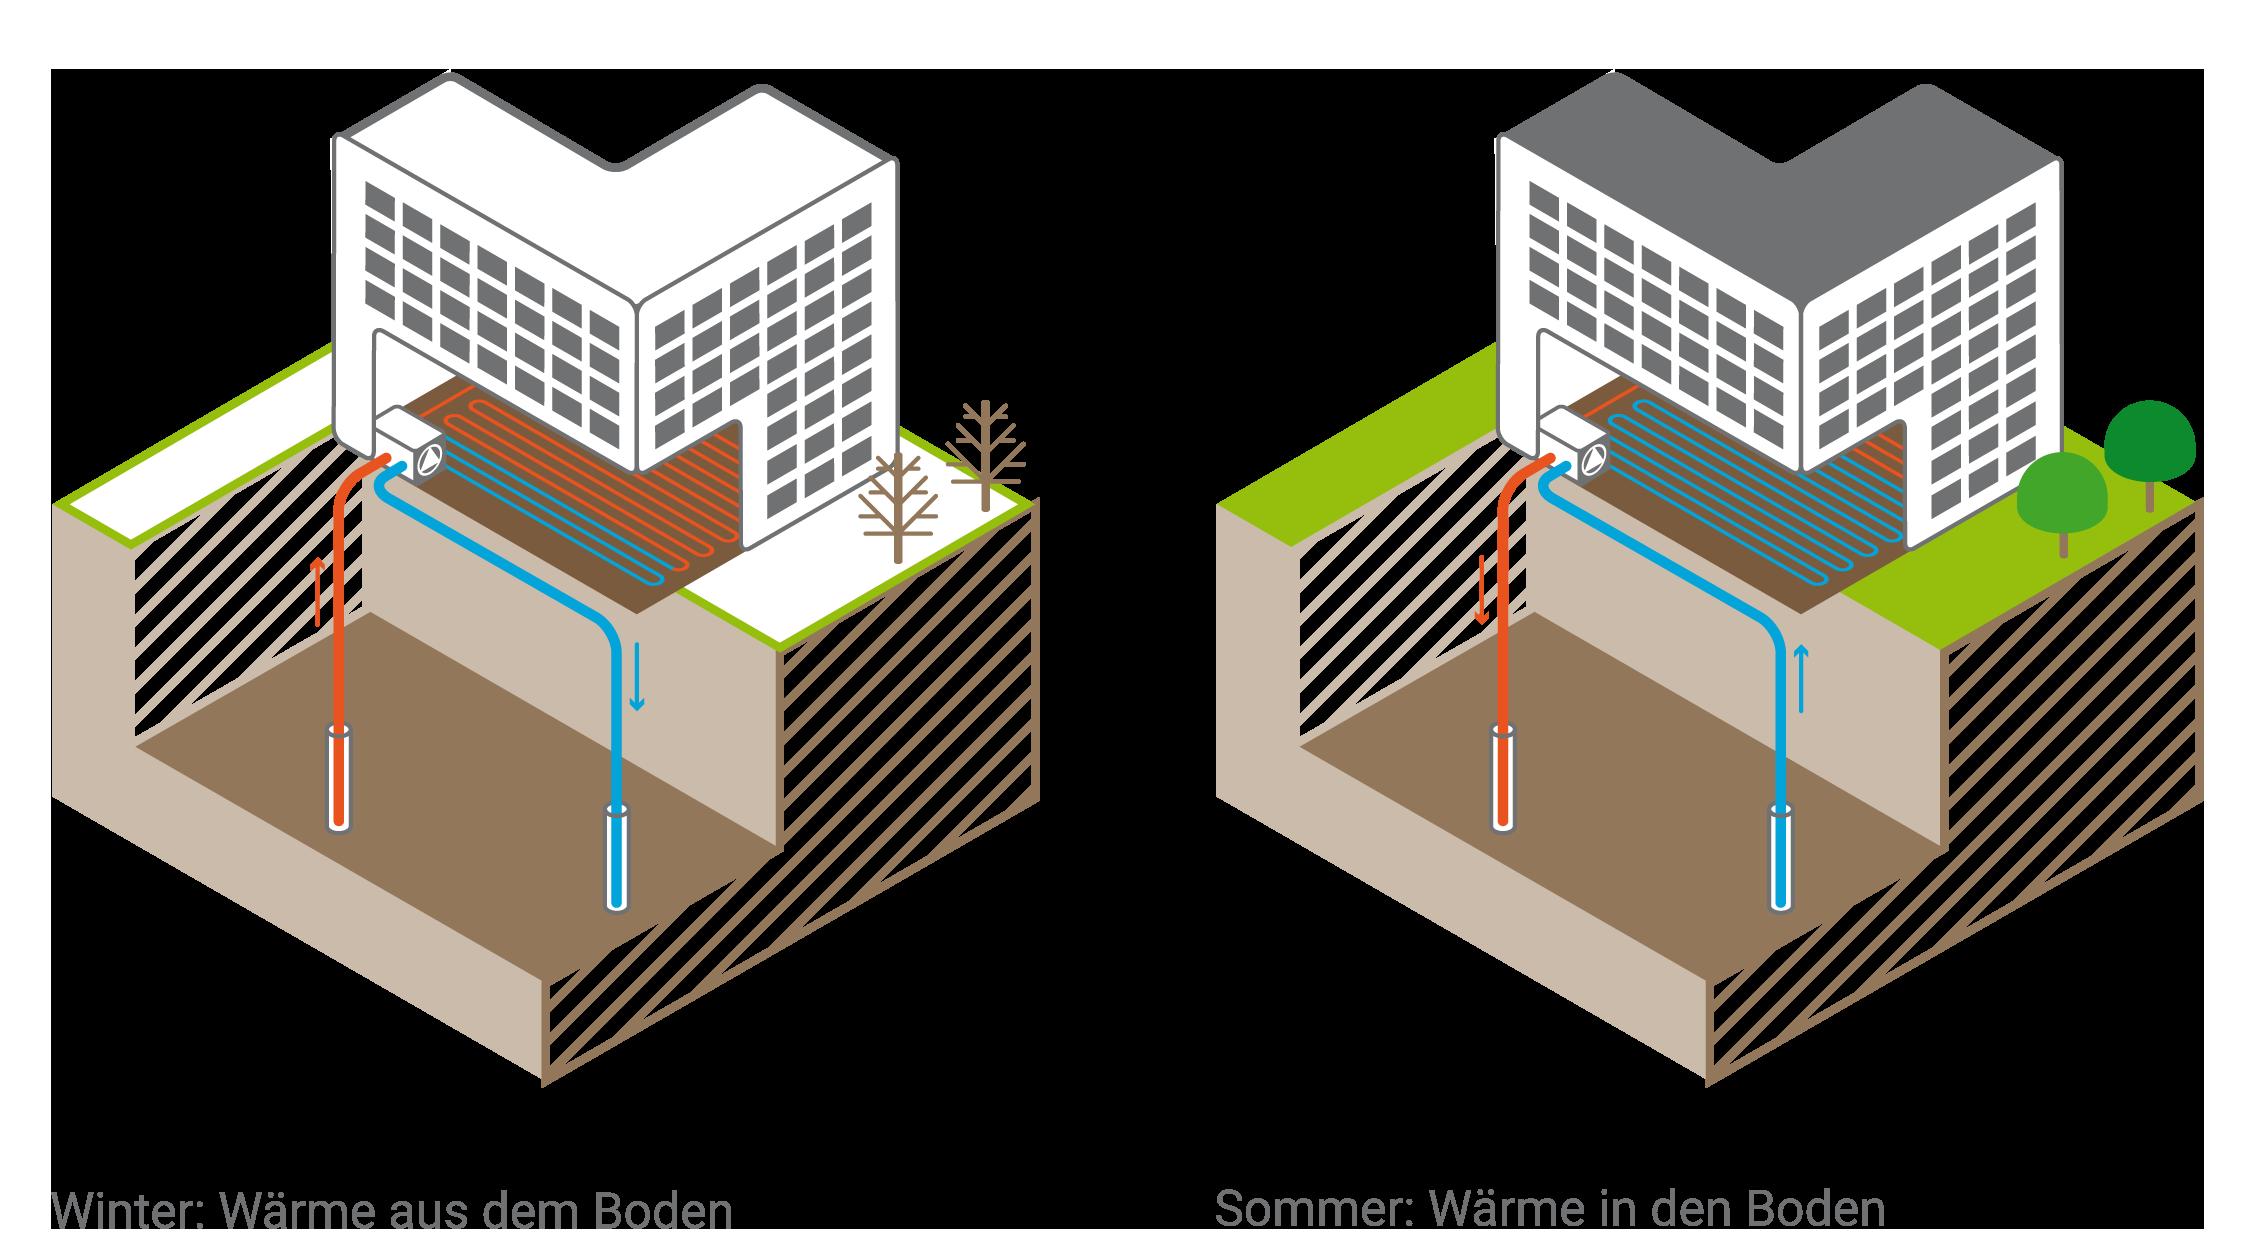 Ein grosses Plus der Geothermie: Heizen und kühlen mit dem gleichen System. (Quelle: BFE)